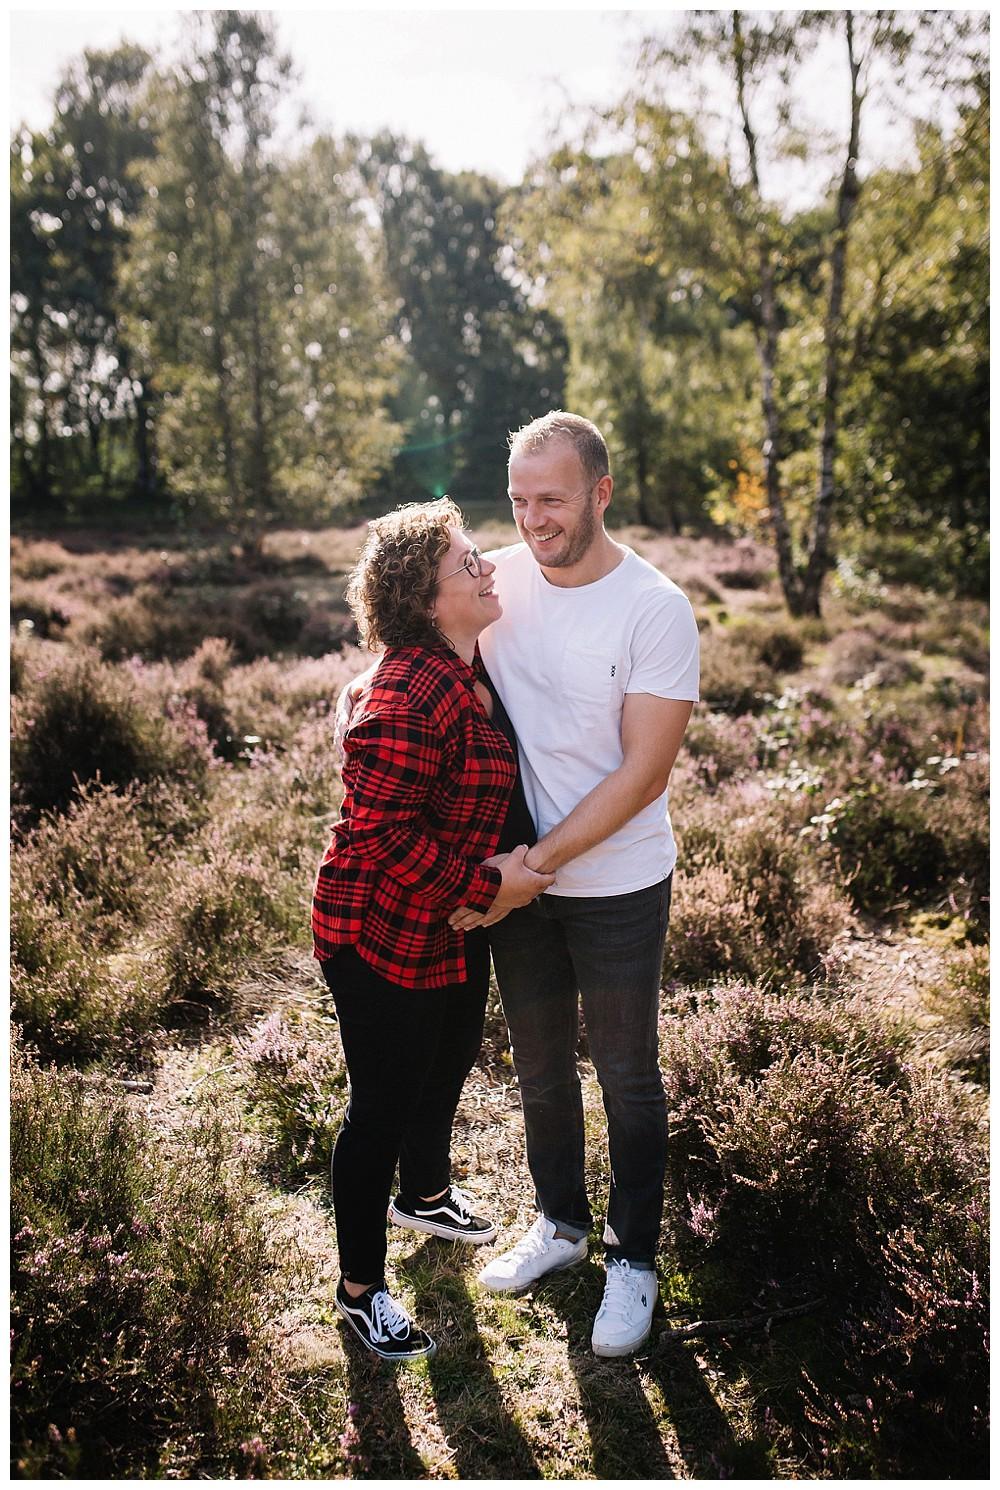 ohbelle_website_blog_zwangerschap_fotograaf_veenendaal_fotoshoot_Slaperdijk_0241 Fotoshoot Veenendaal zwangerschap